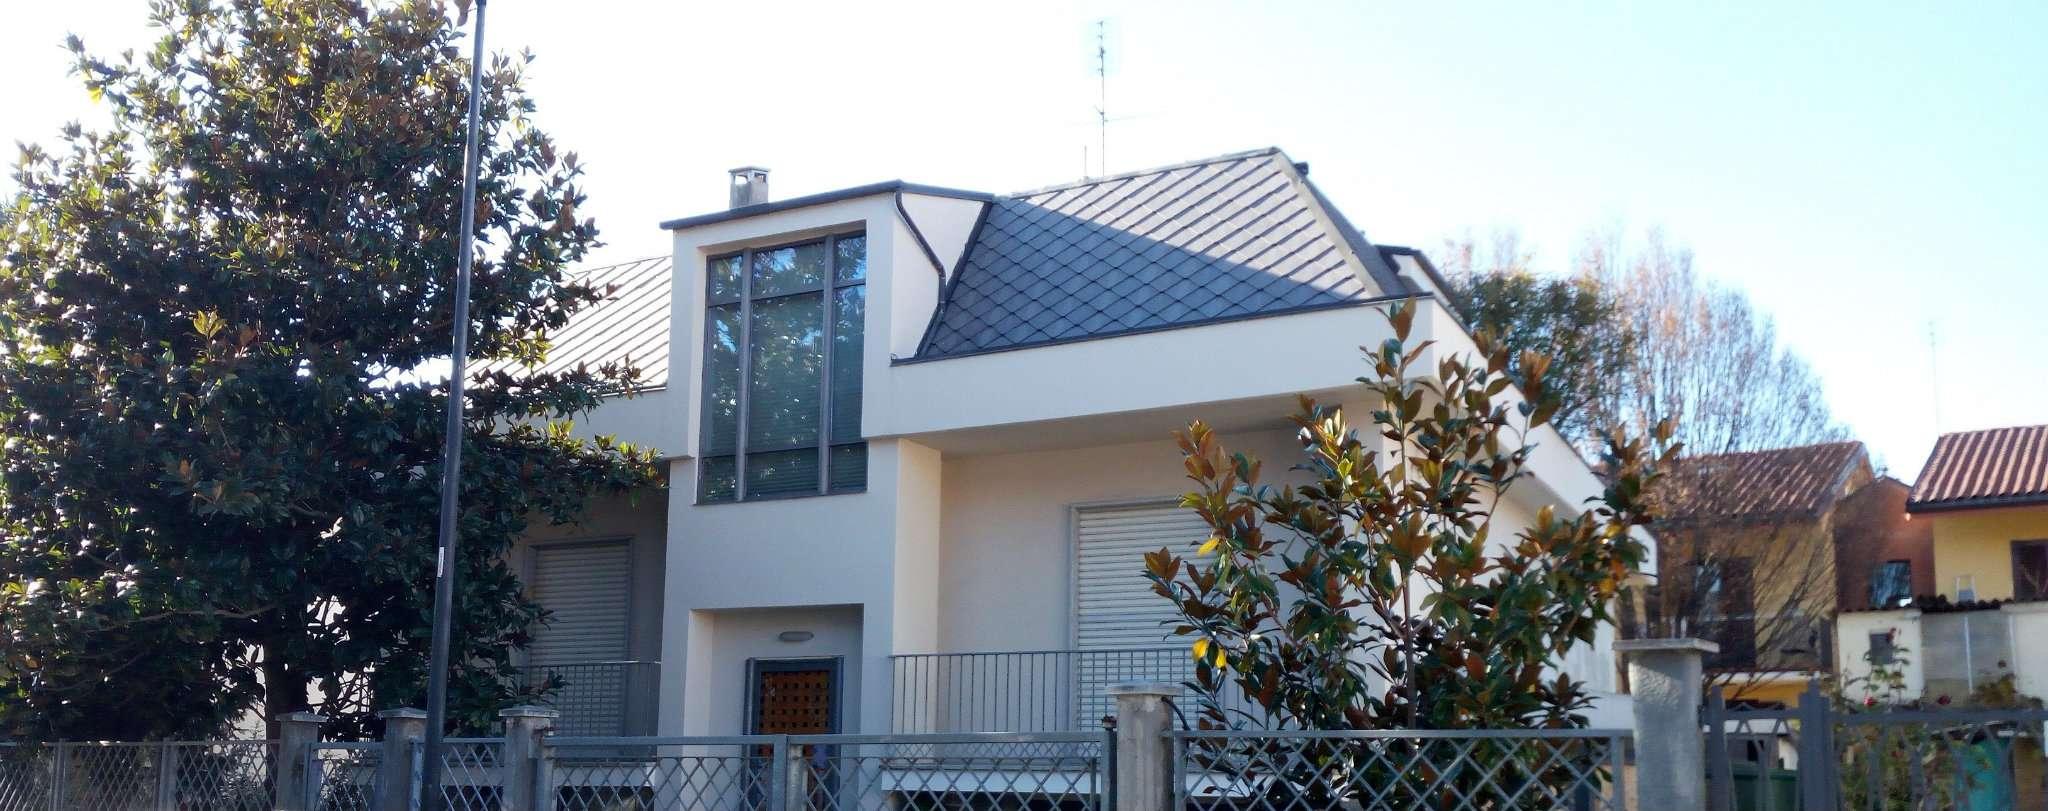 Soluzione Indipendente in vendita a Beinasco, 7 locali, prezzo € 480.000 | Cambio Casa.it